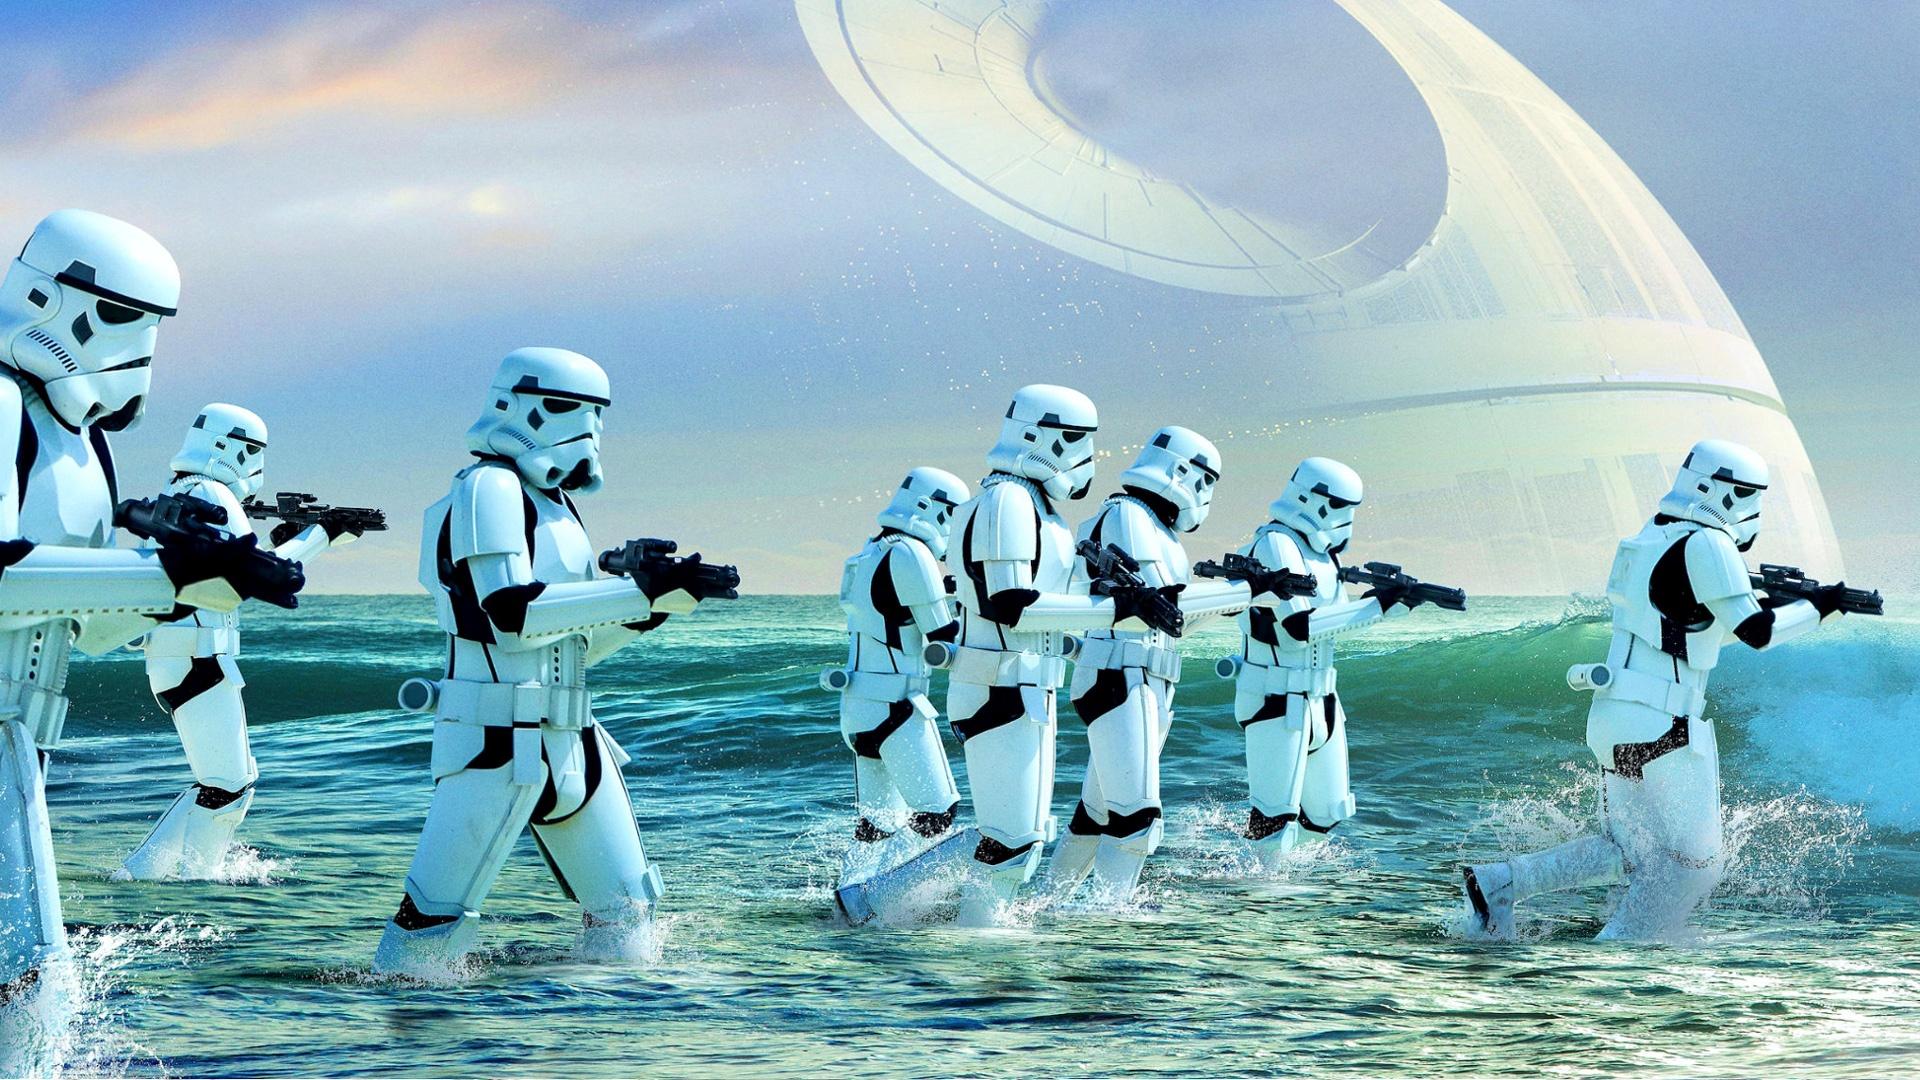 Star Wars free image